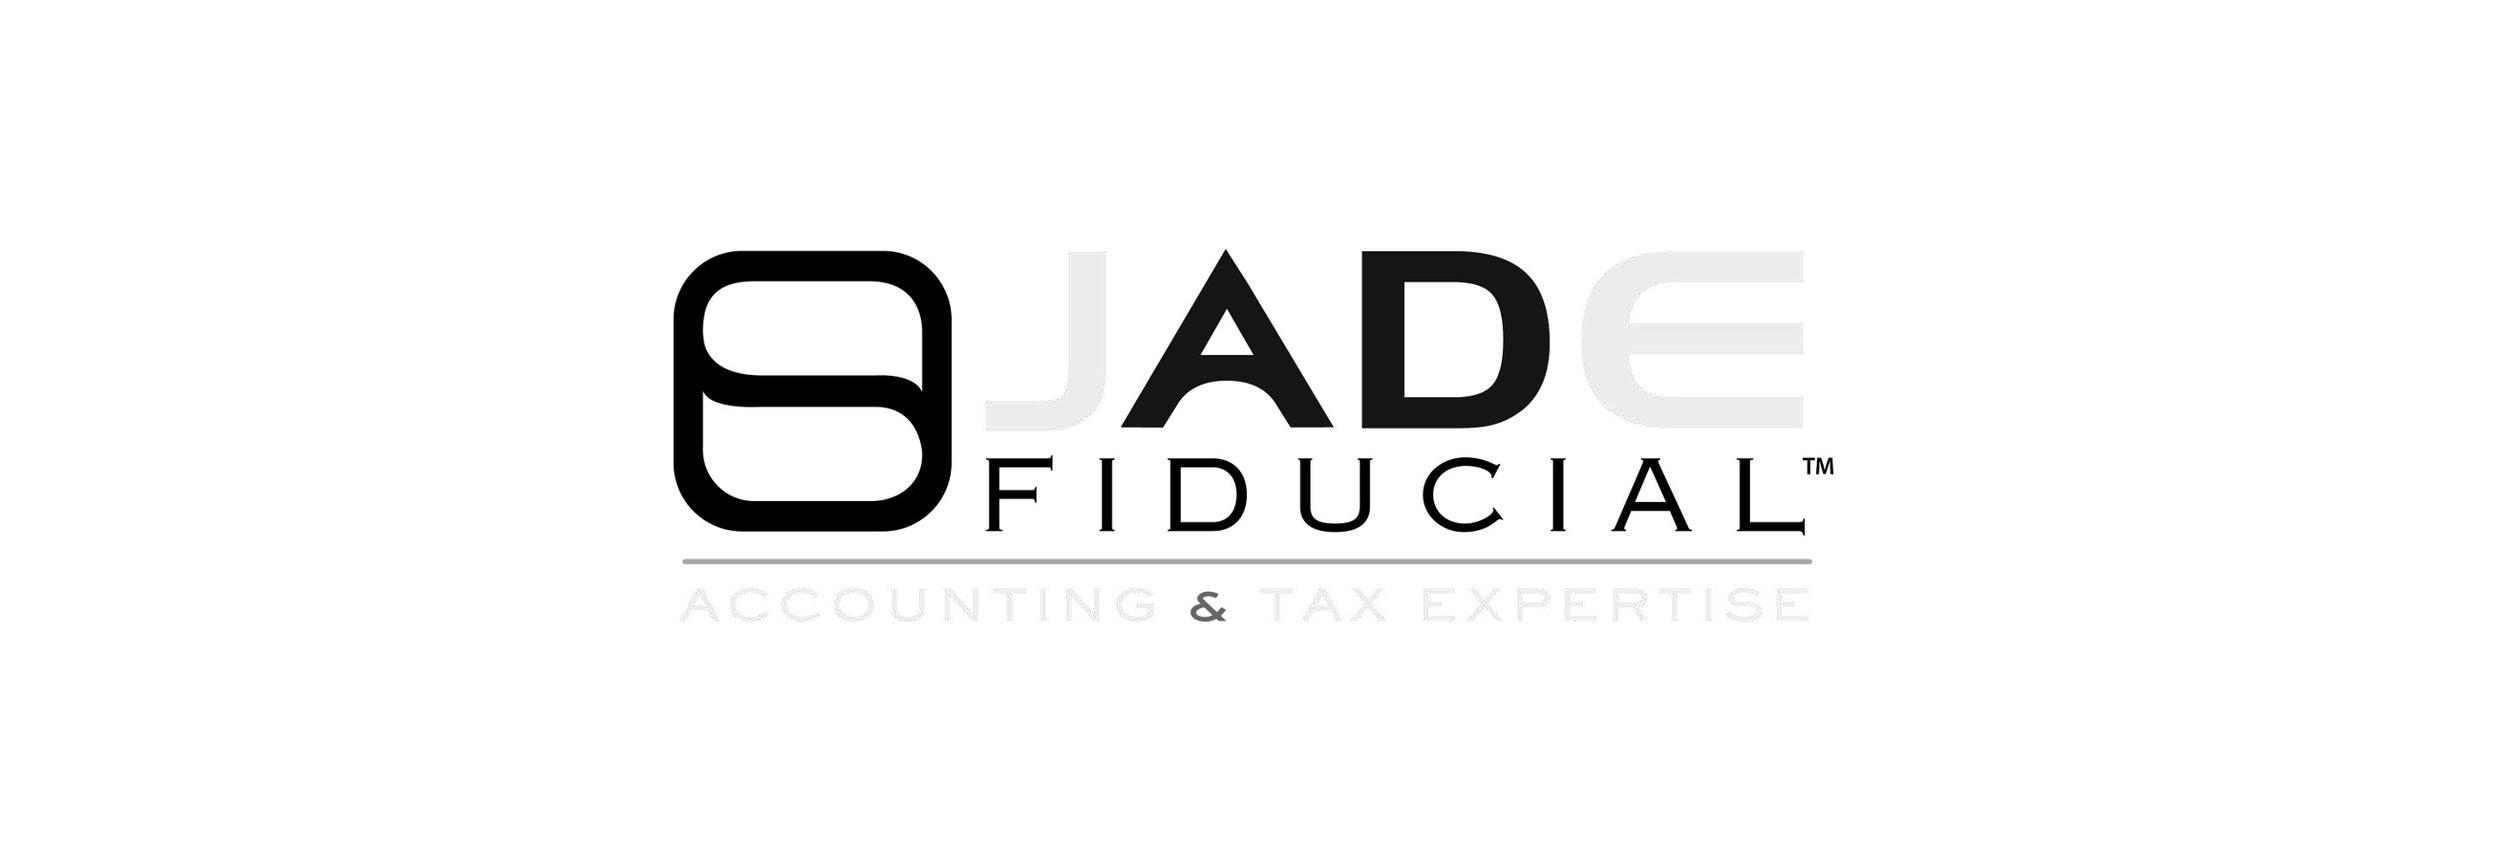 Jade-Logo-TM-003.jpg